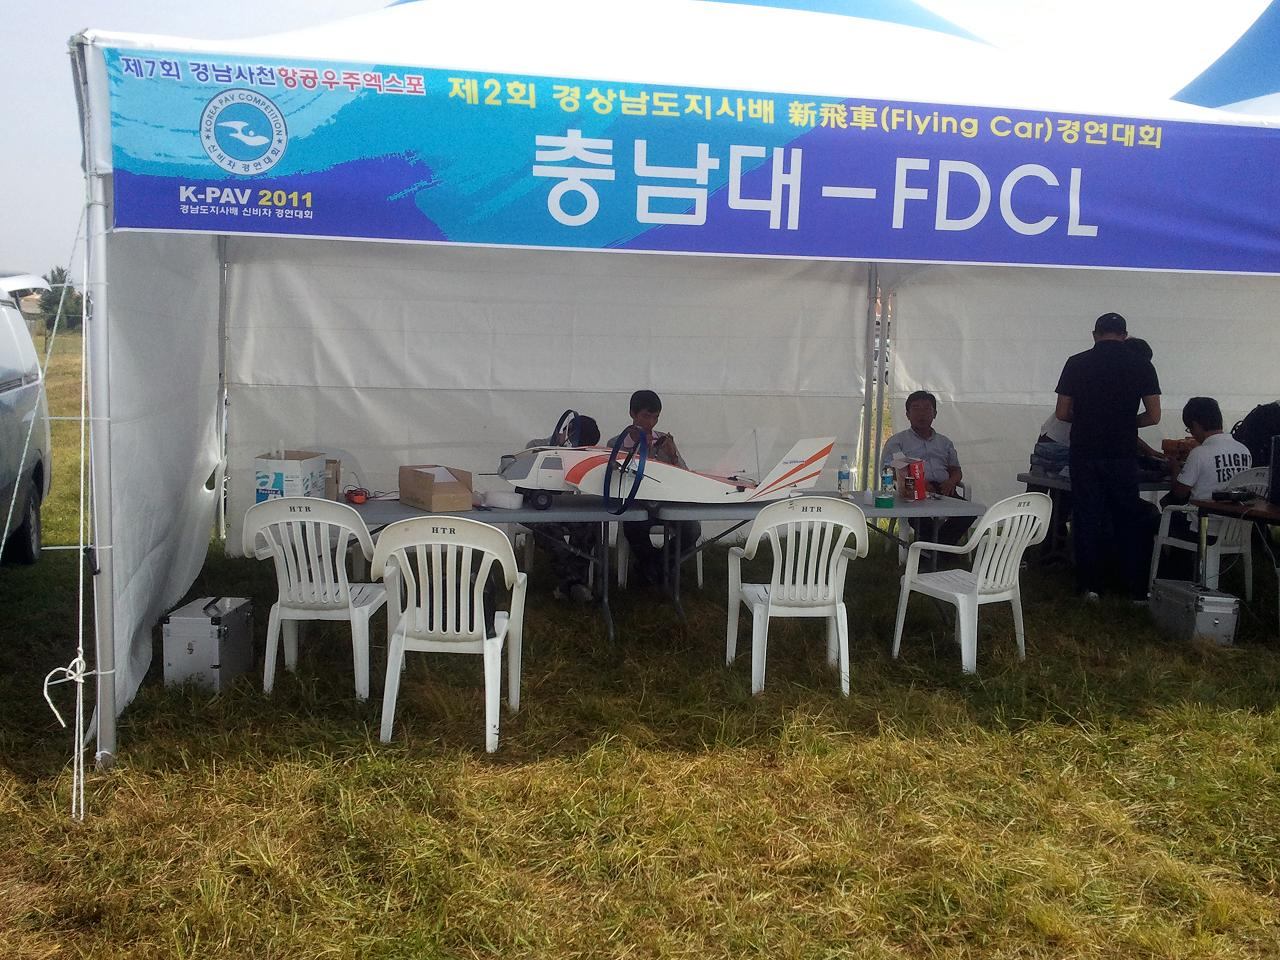 2011-09-25 10.45.39.jpg